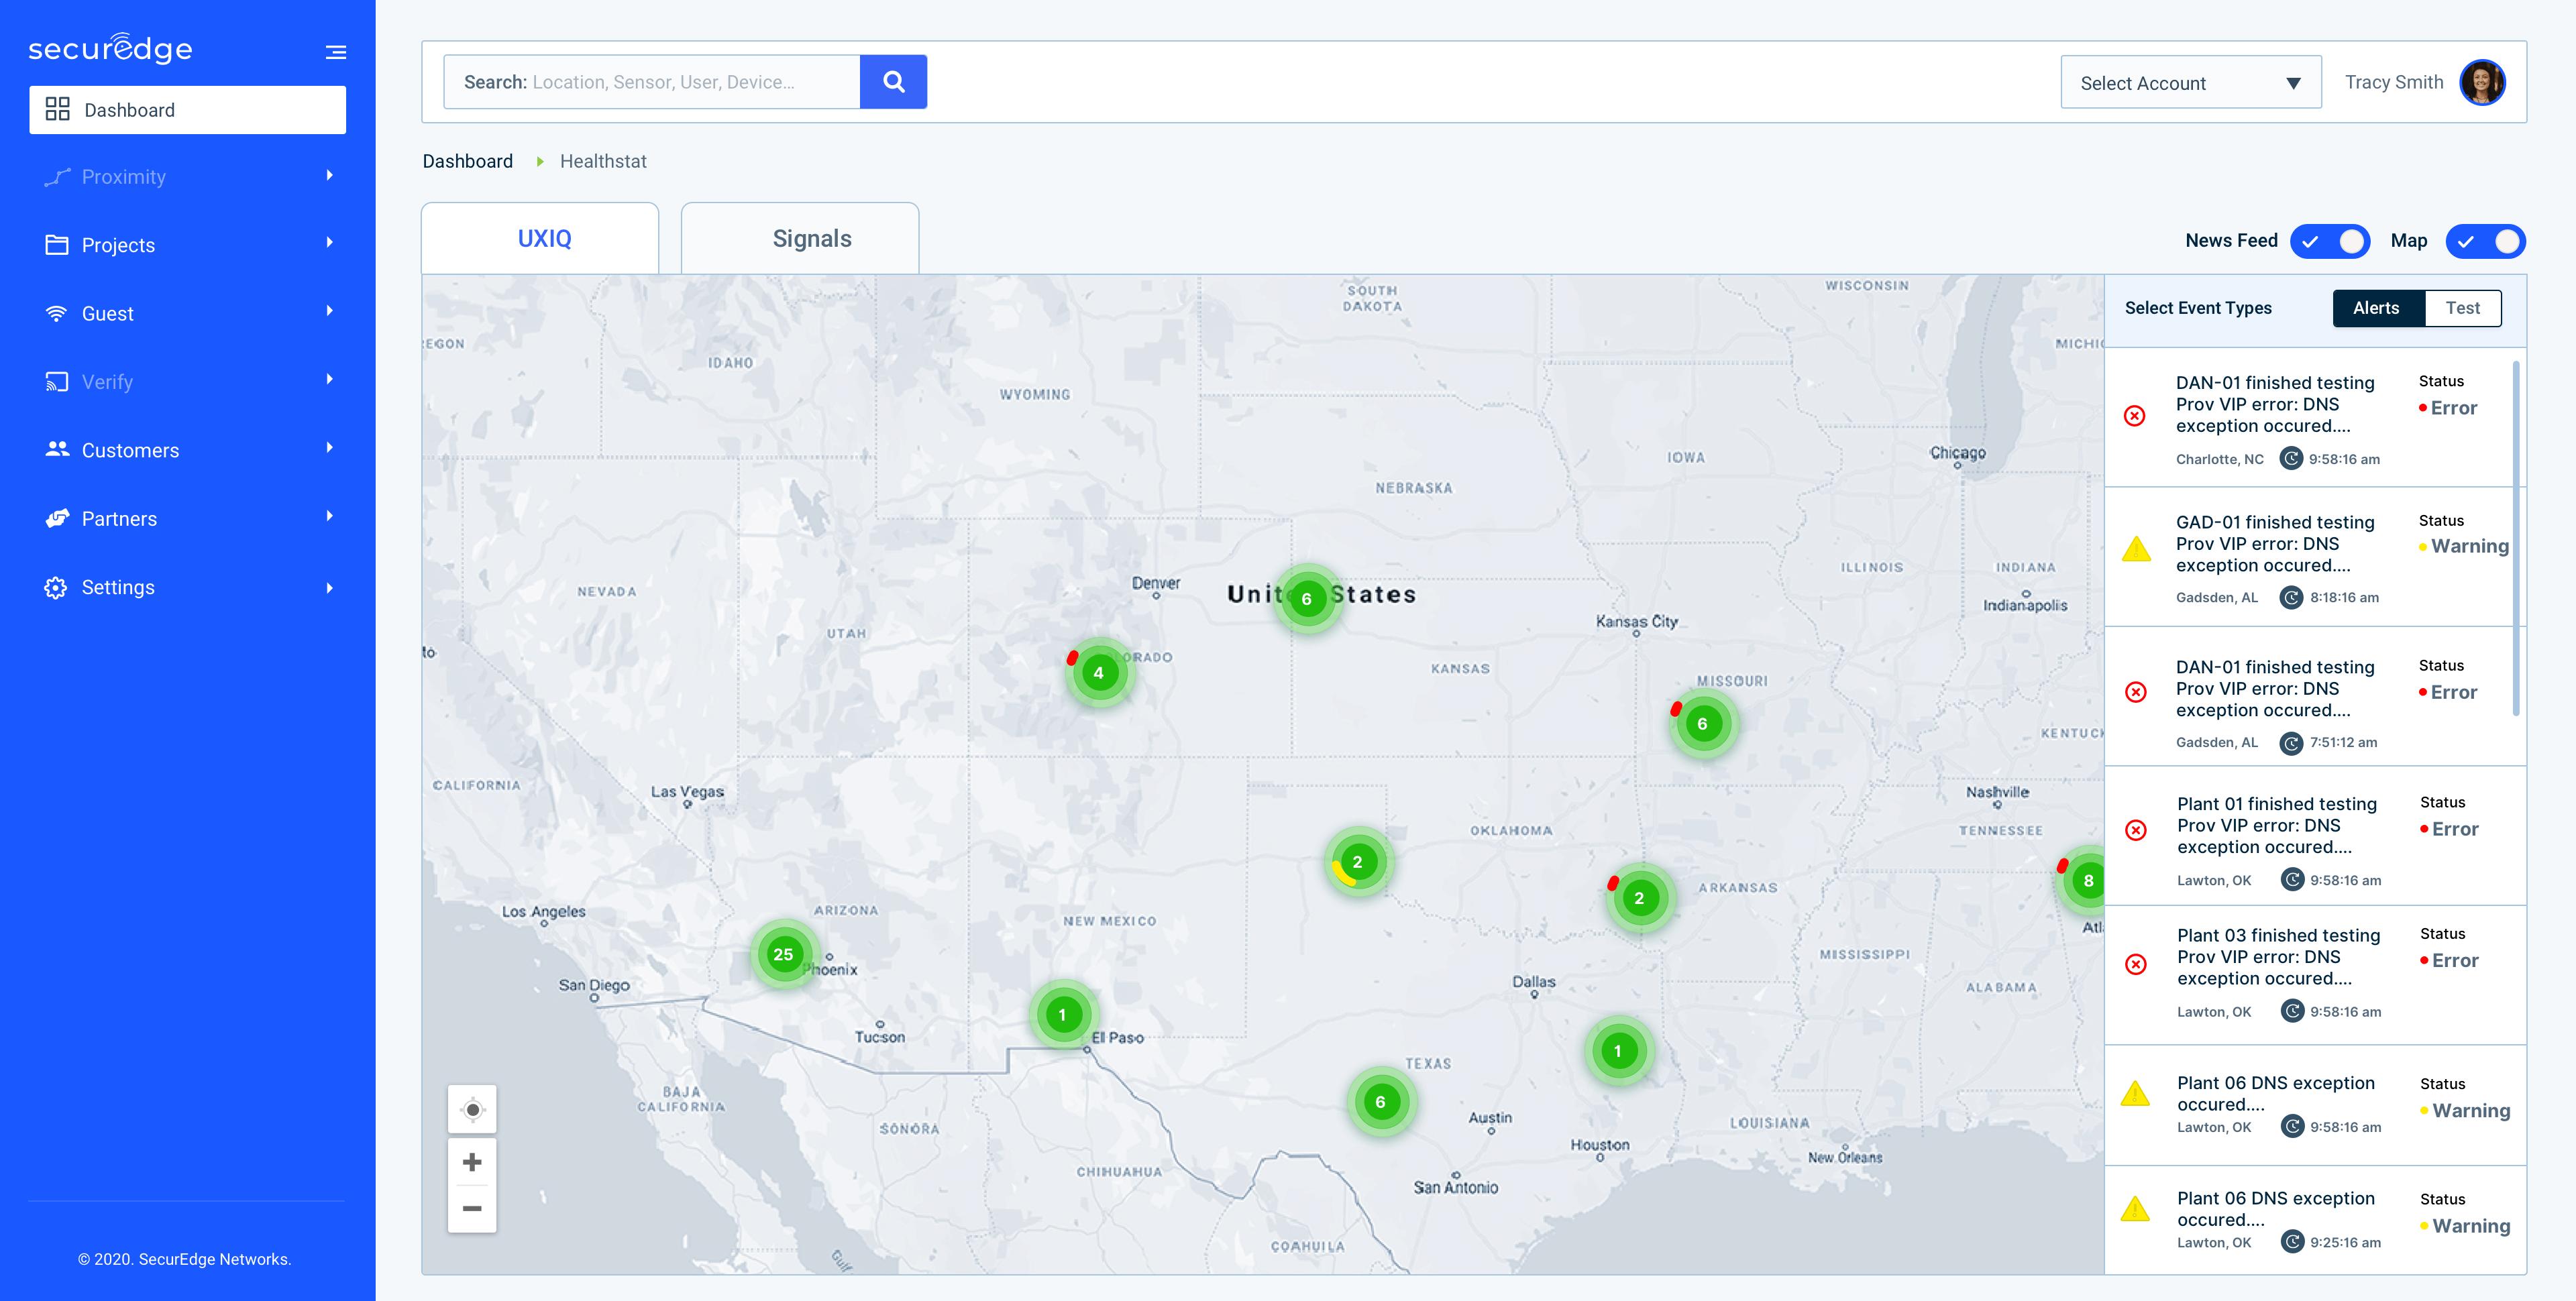 UXiQ (user experience iQ) main dashboard